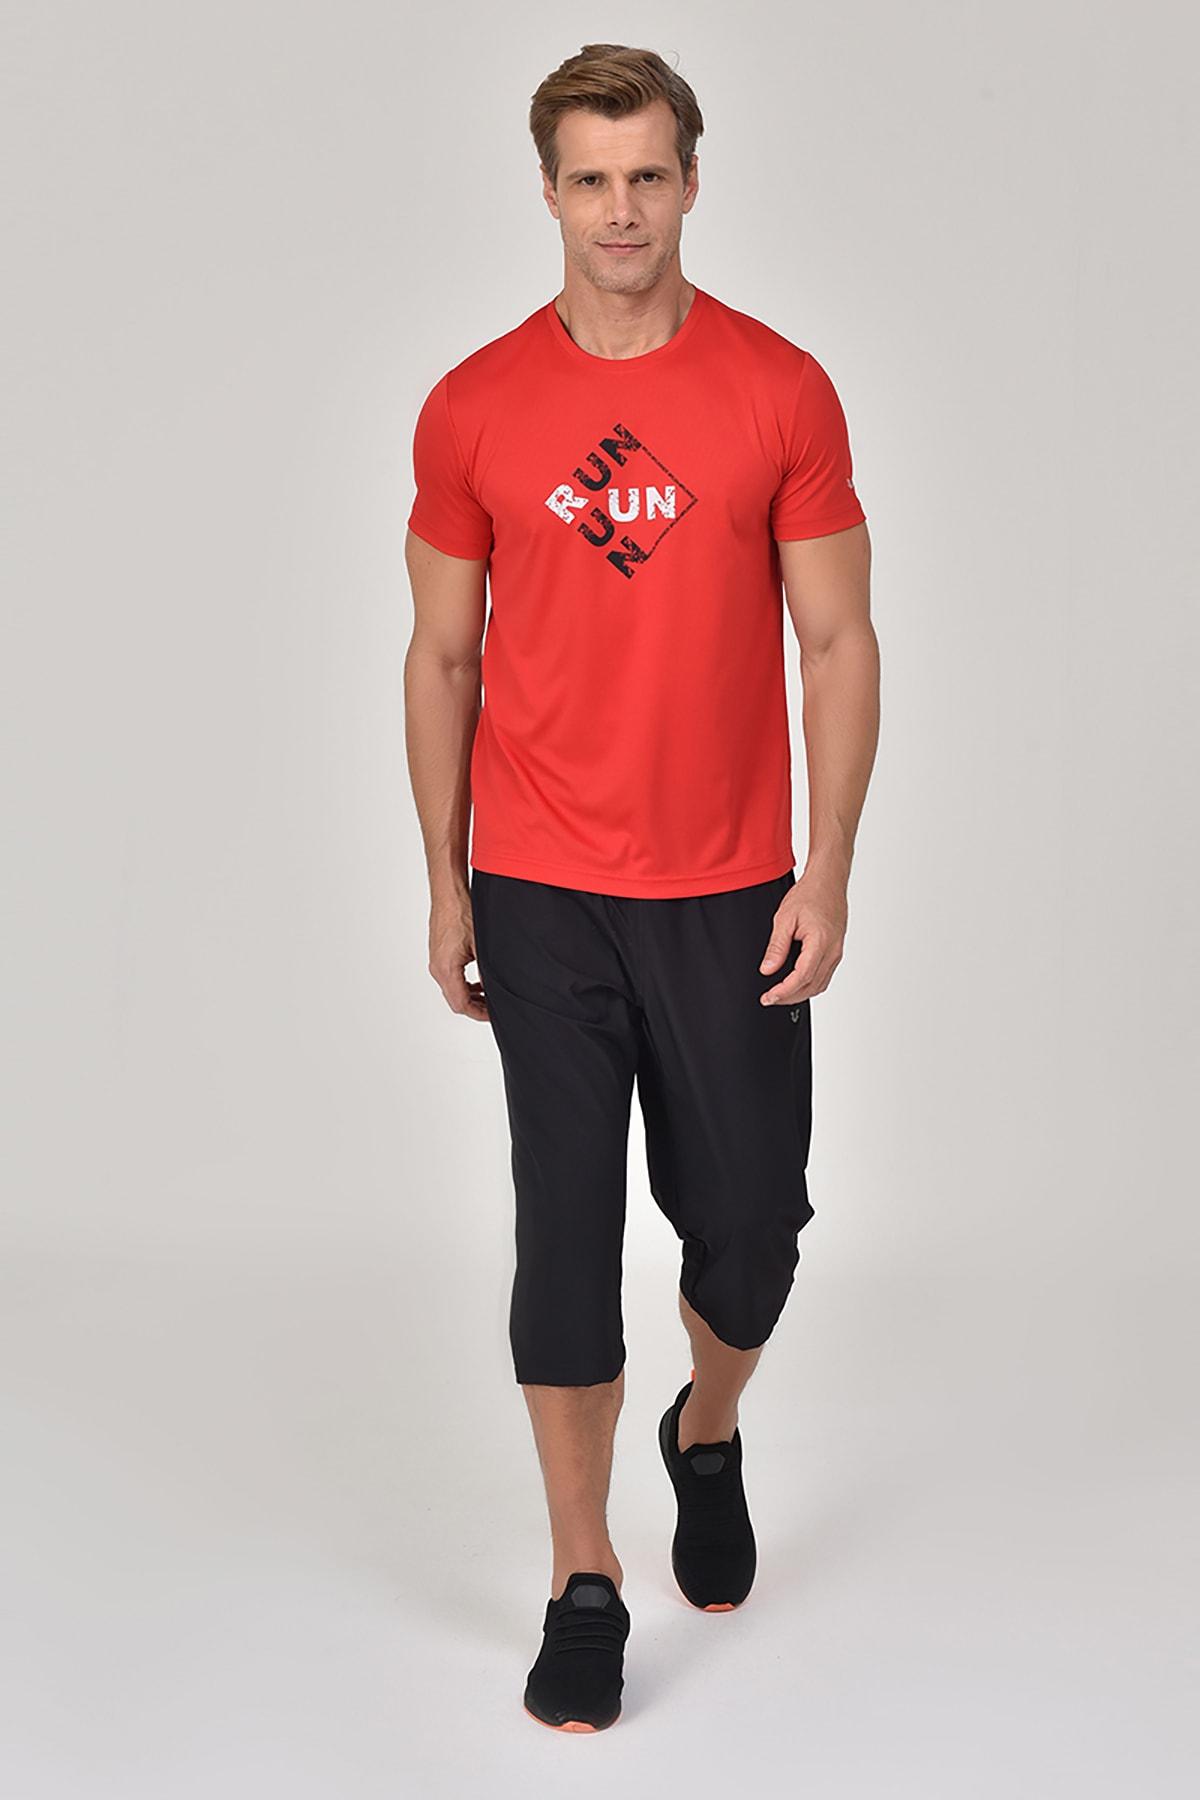 bilcee Kırmızı Erkek T-Shirt GS-8805 2